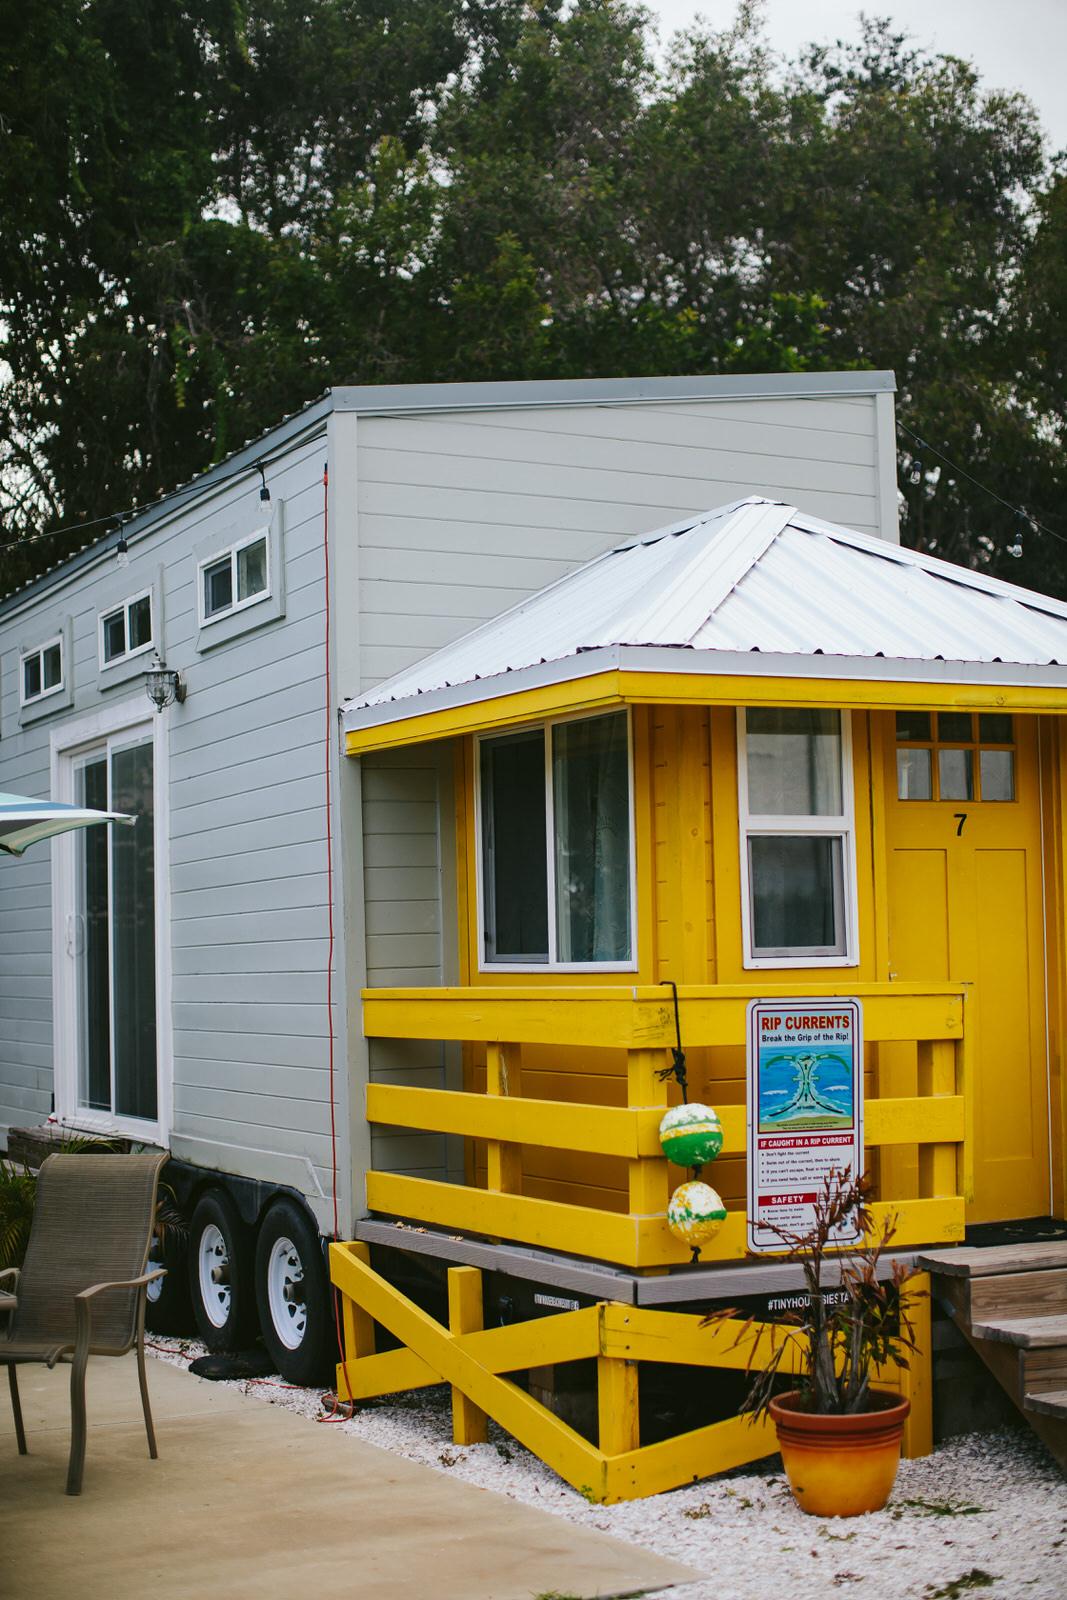 nashville-memphis-siesta-key-vacation-tiny-house-photo-52.jpg